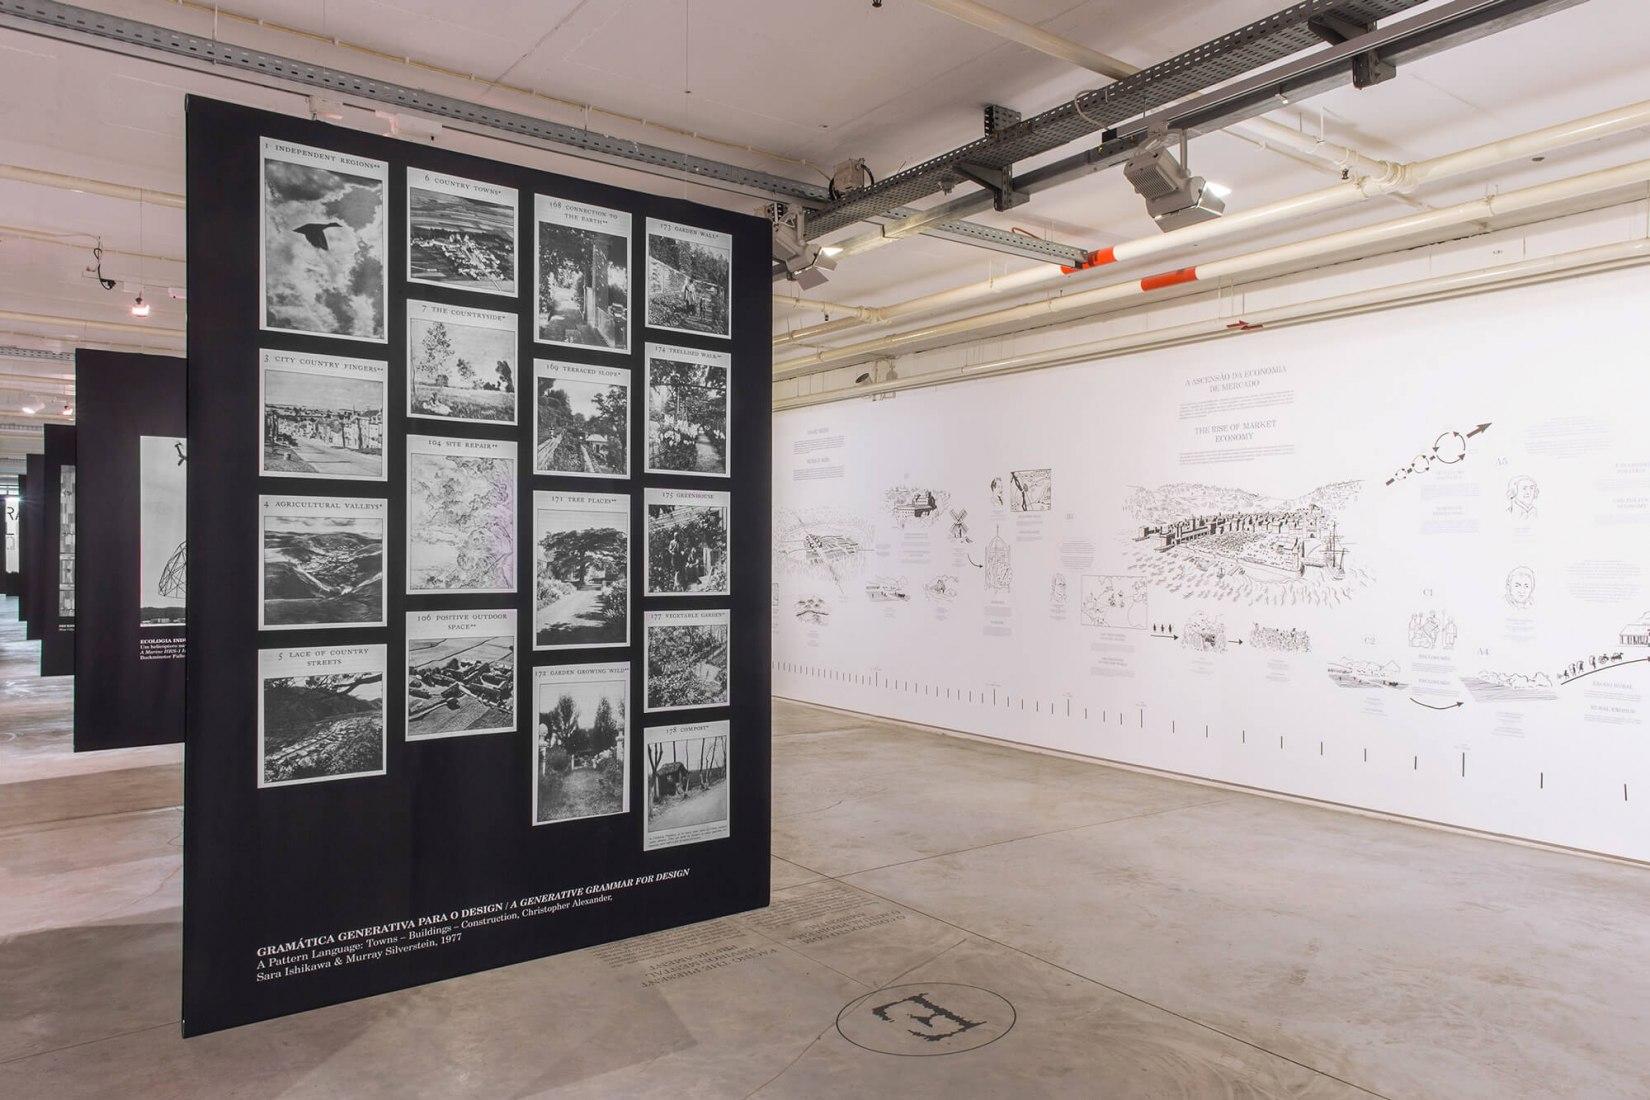 Agriculture and Architecture: Taking the Country's Side, Comisario Sébastien Marot | Garagem Sul – CCB | Fotografía por Fábio Cunha